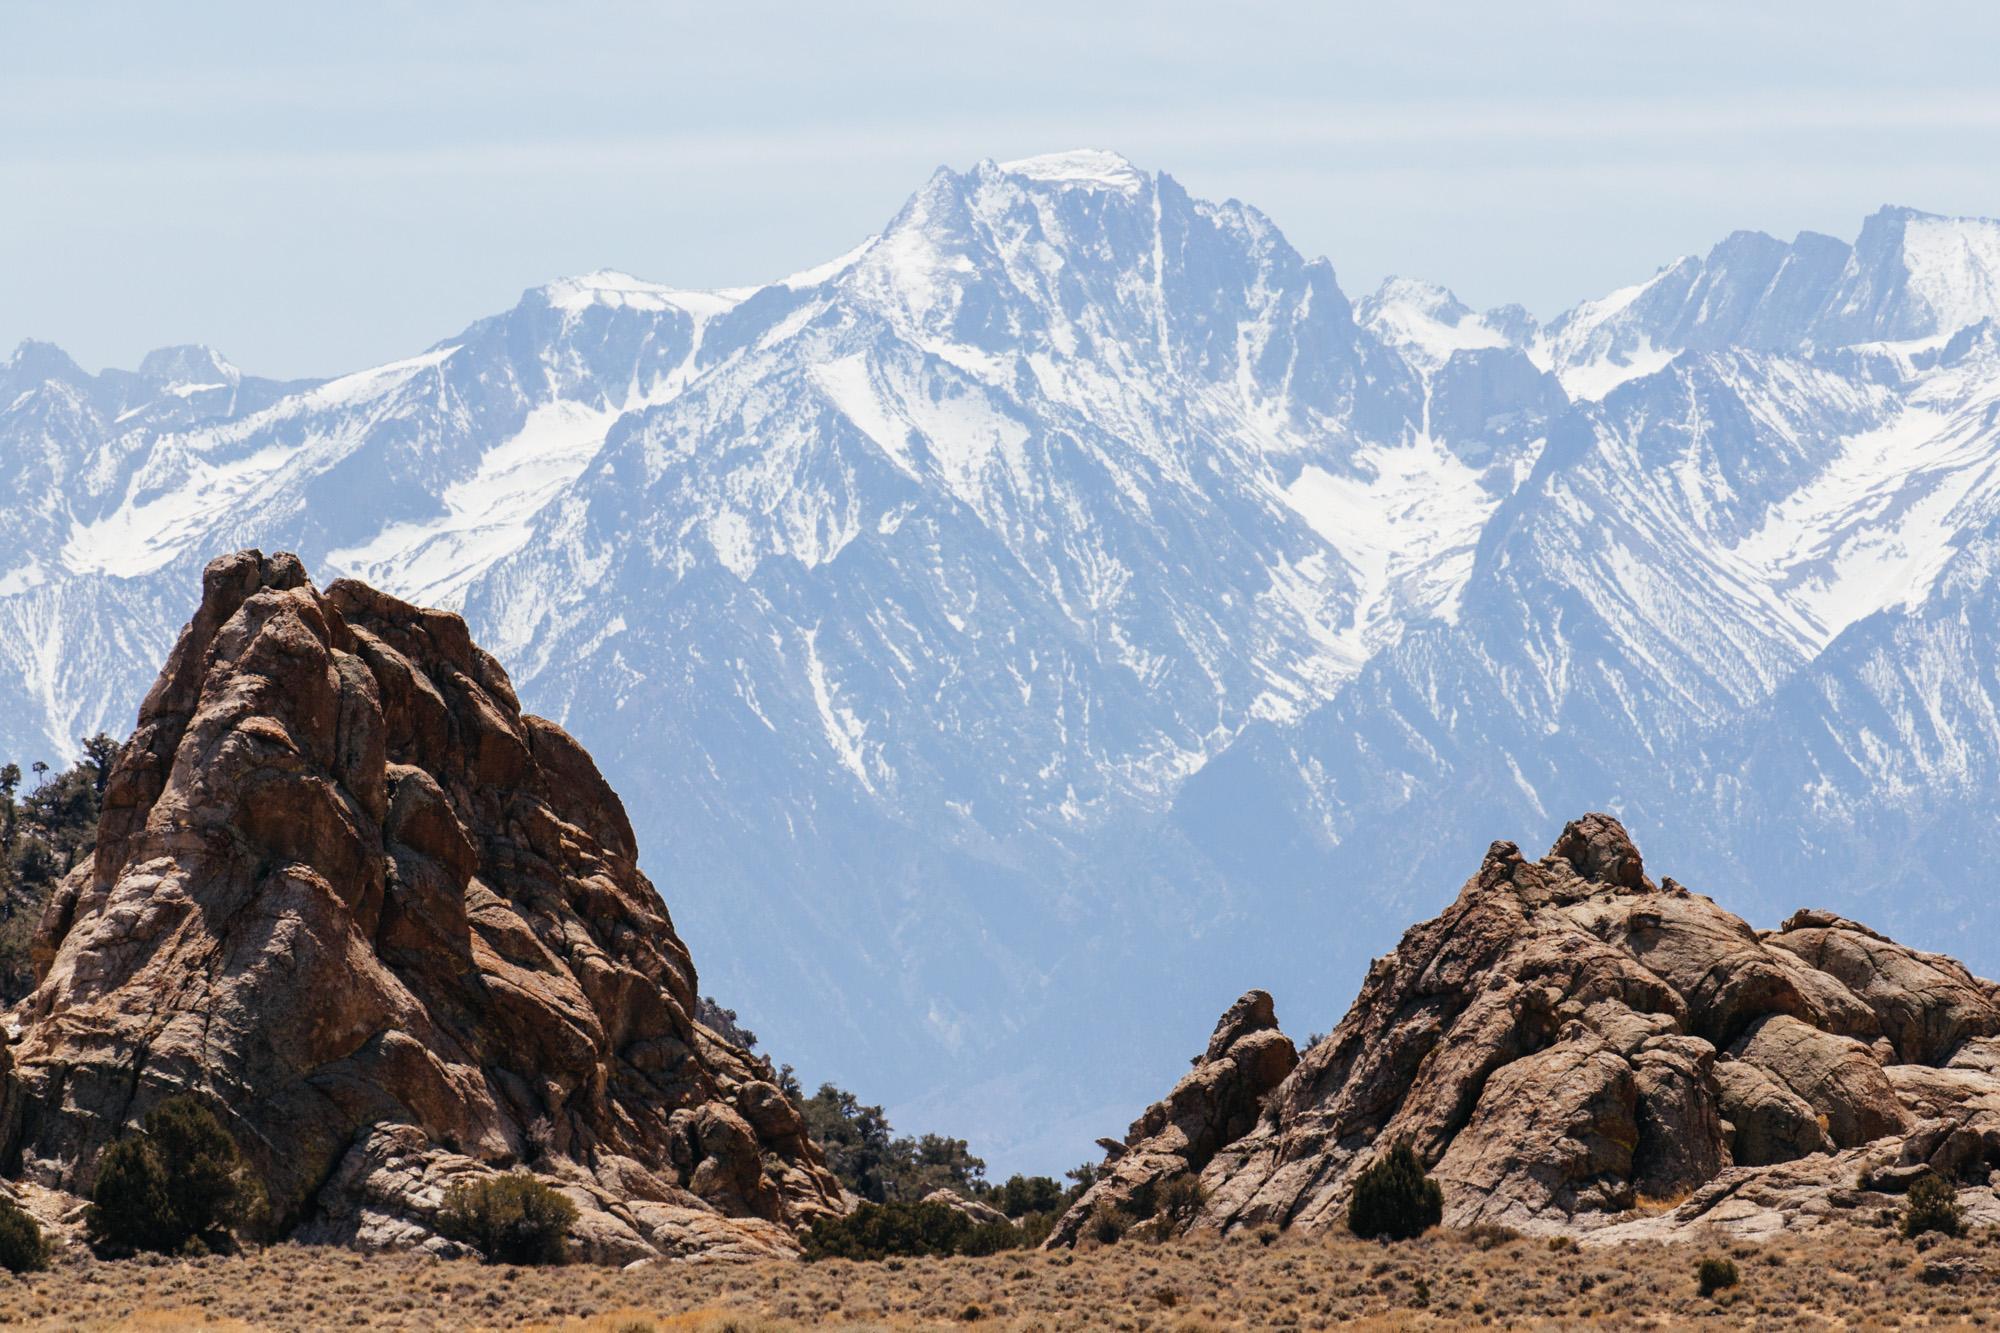 The Sierra backdrop